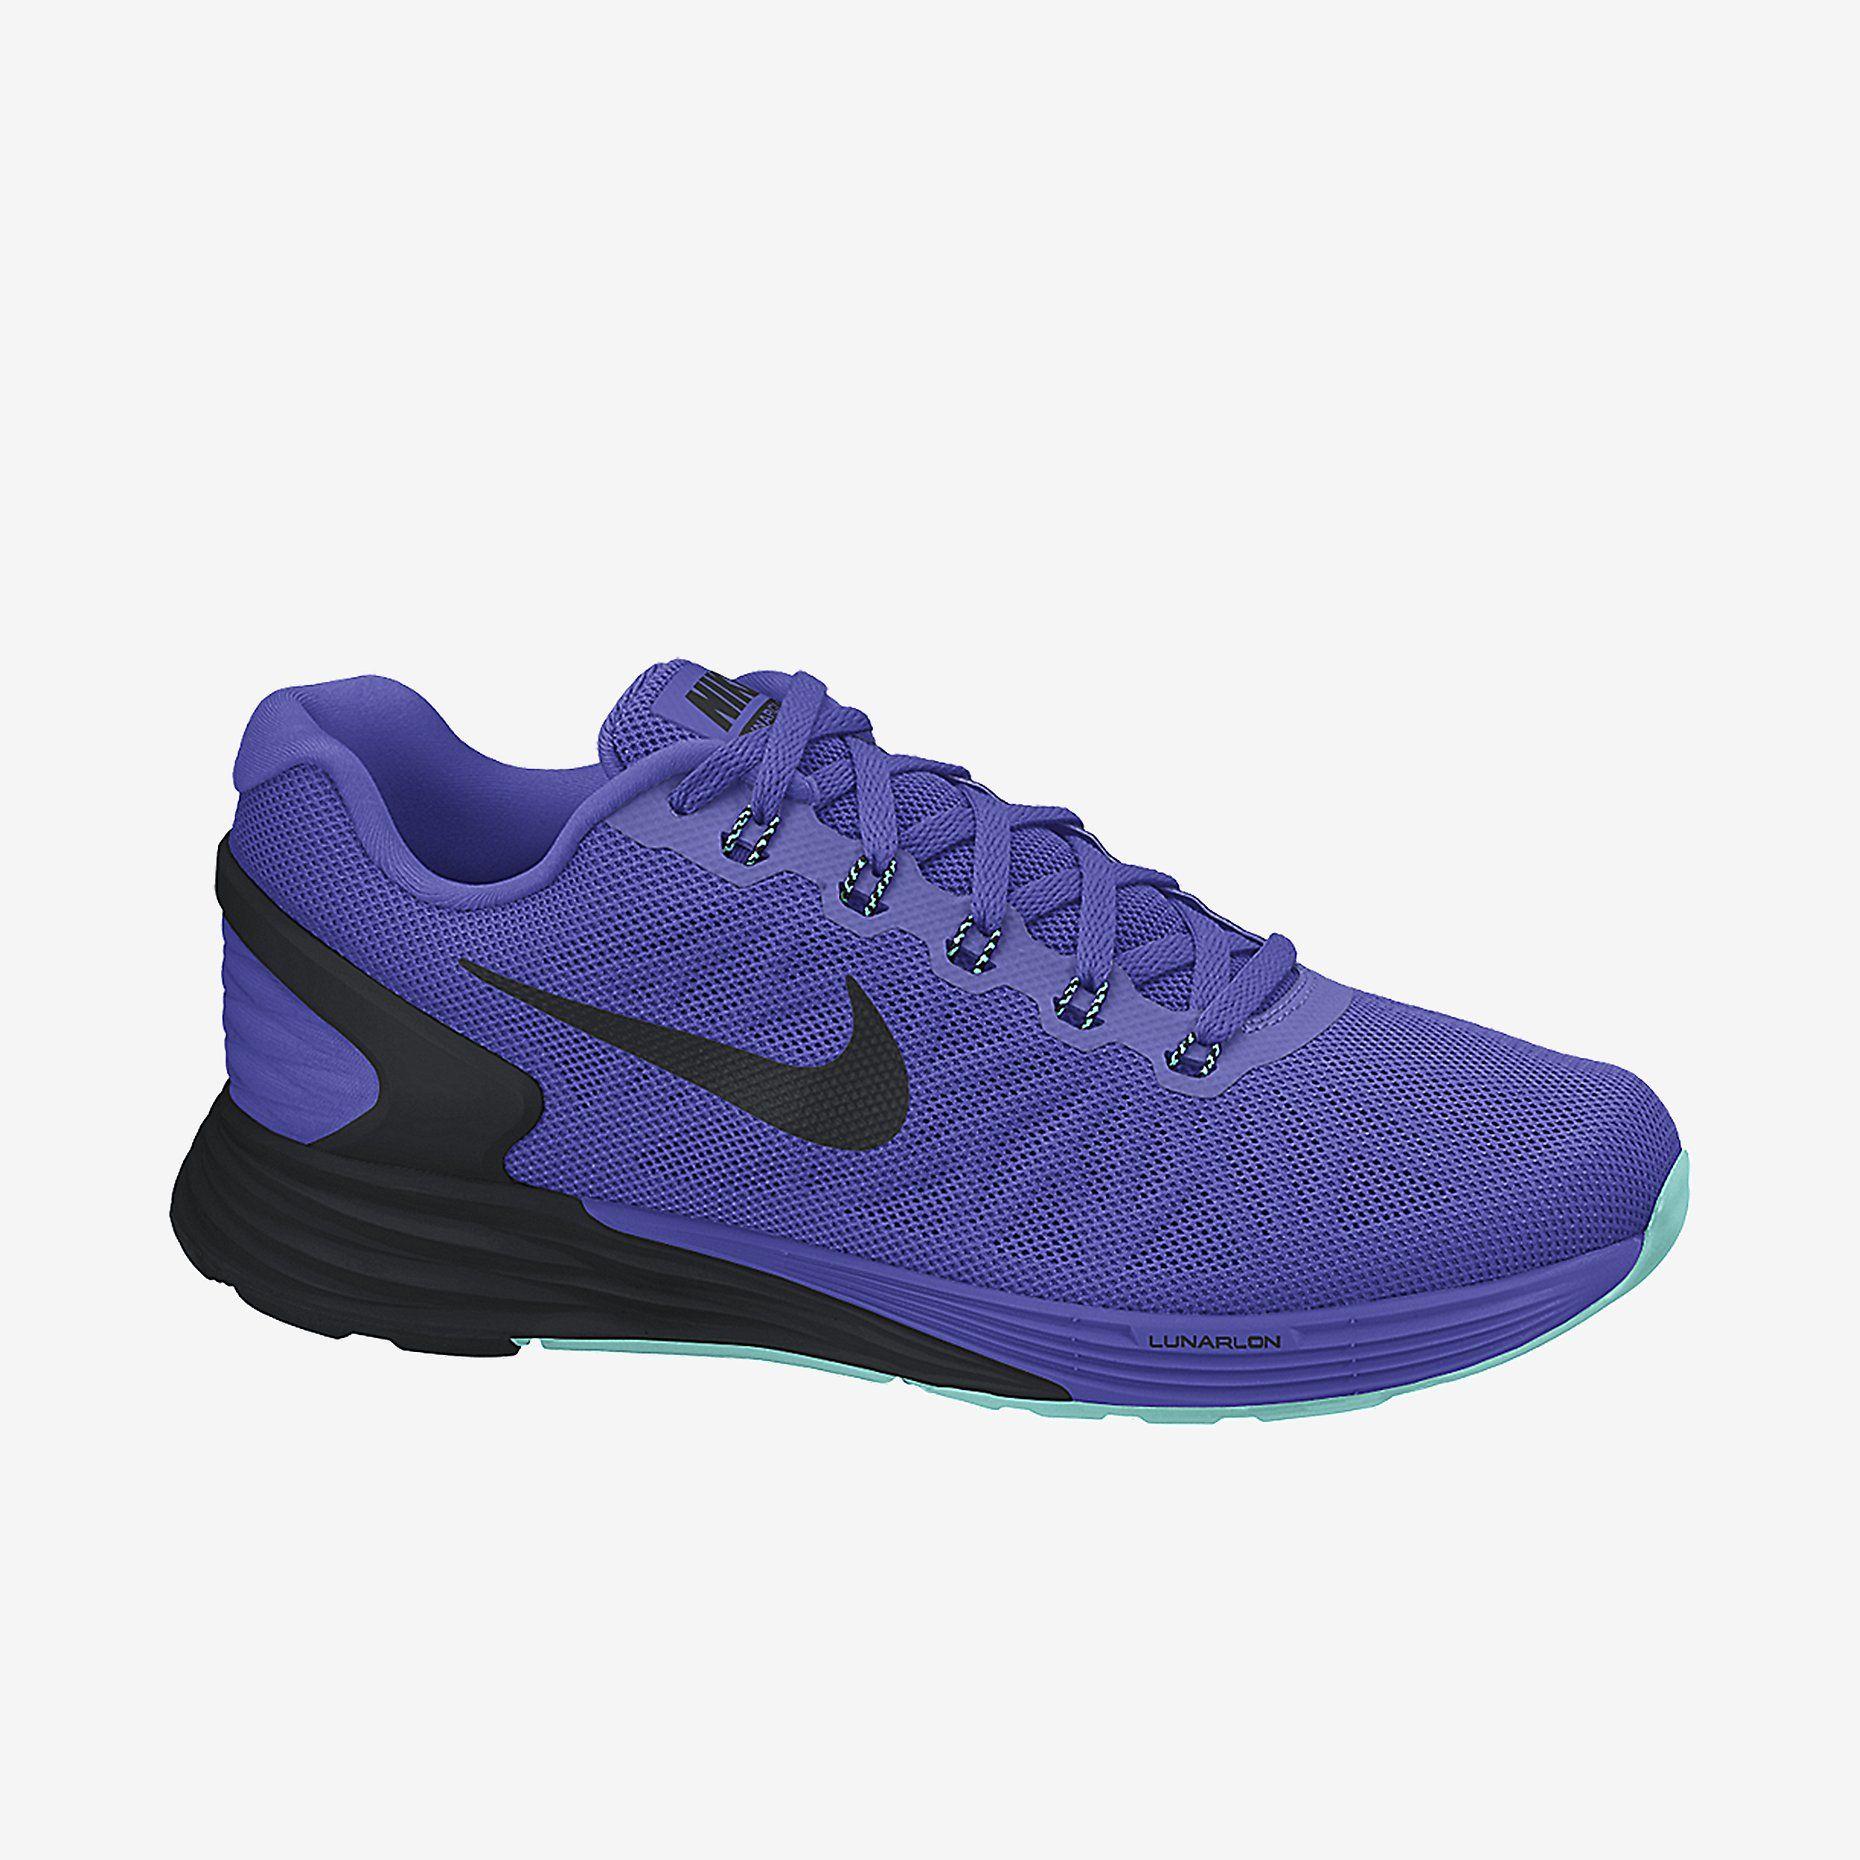 físico Debe cargando  Nike LunarGlide 6 Women's Running Shoe. Nike Store UK   Nike lunarglide,  Nike, Nike store